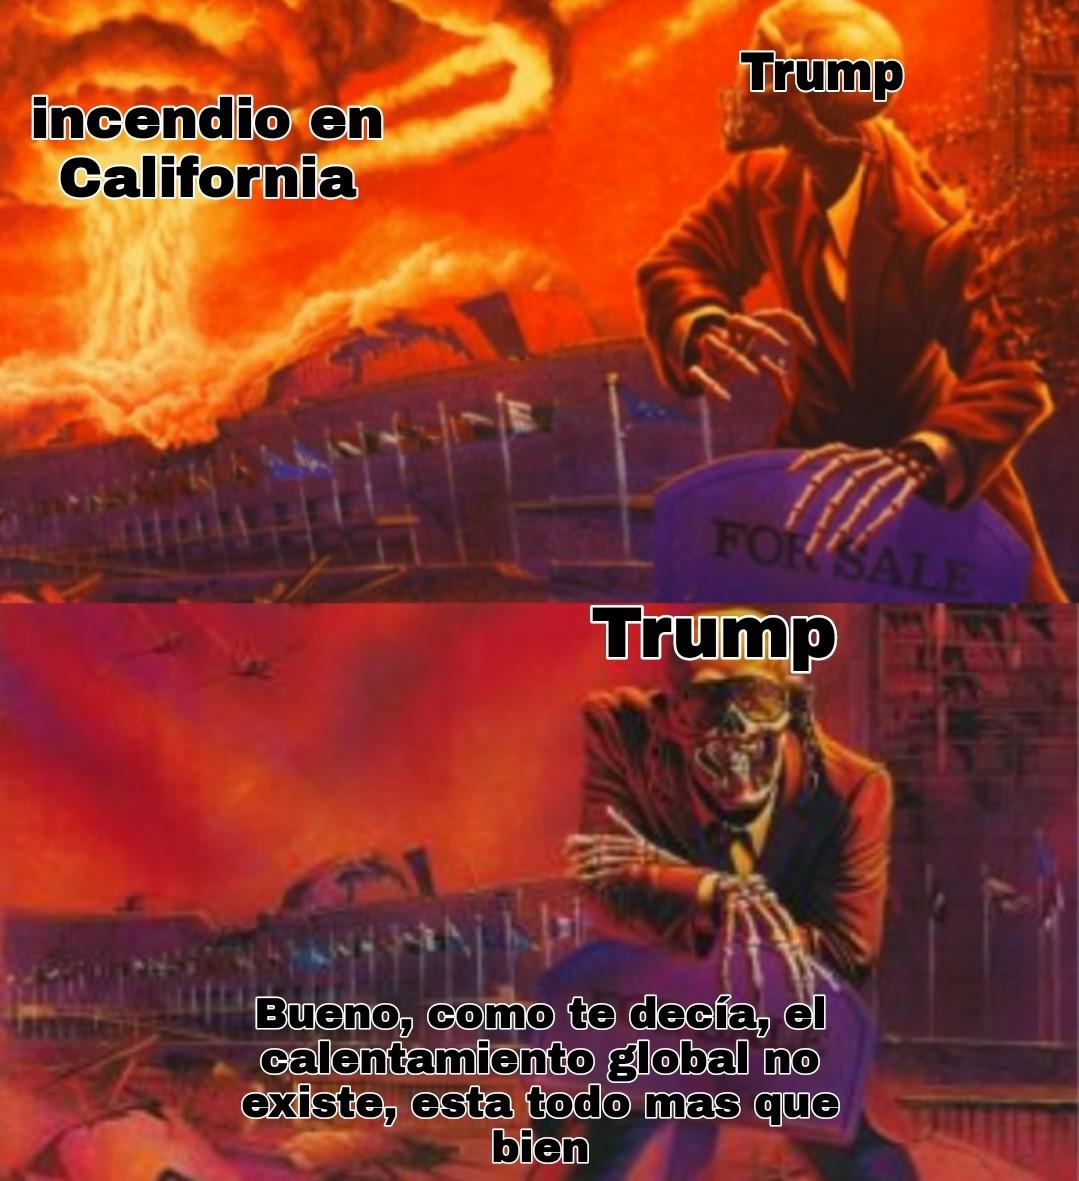 solo es un meme, no apoyo ni odio a trump